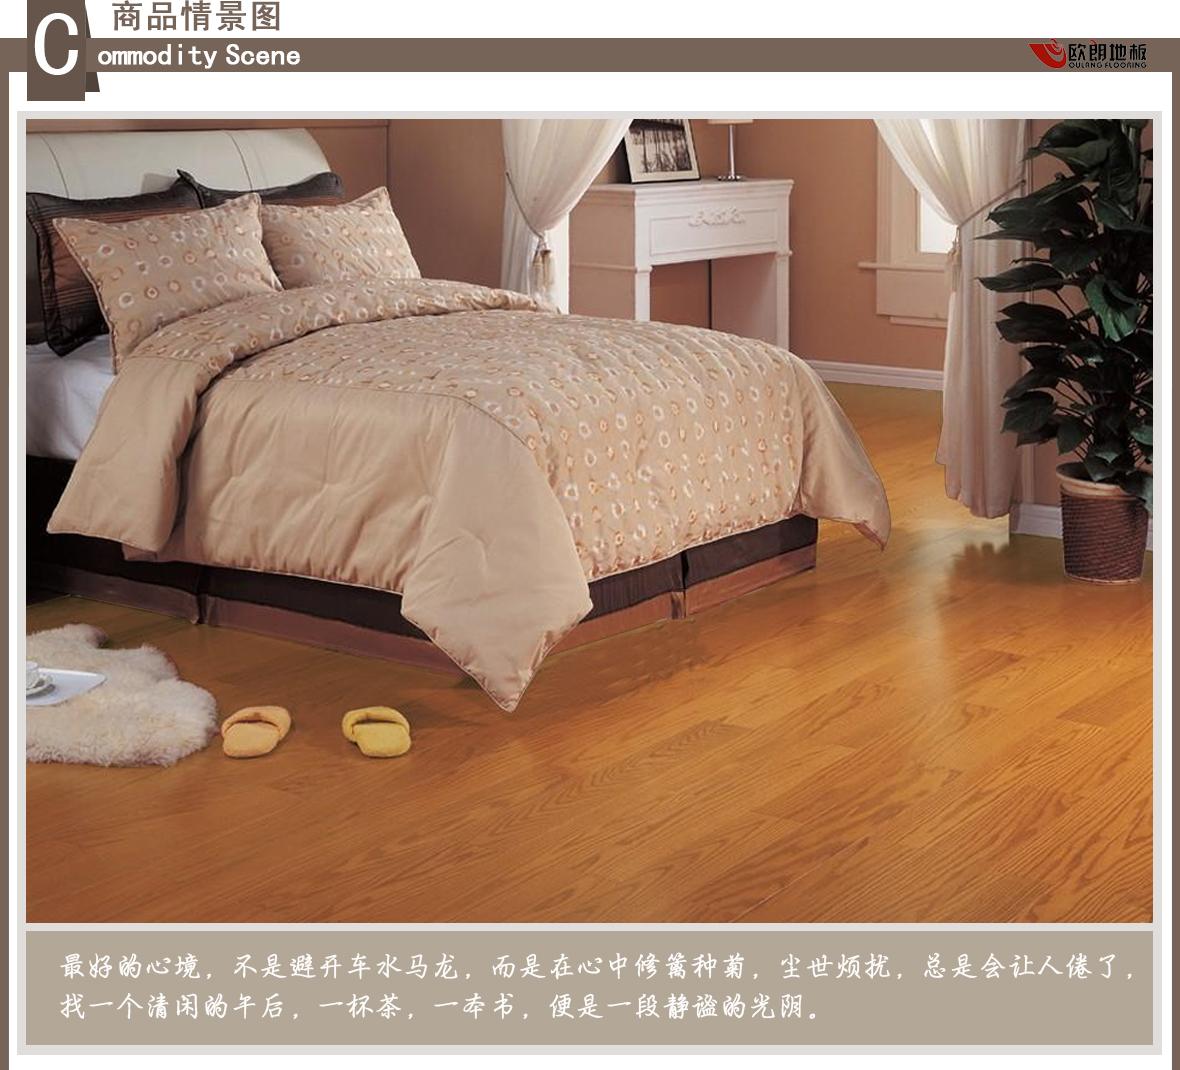 欧朗地板 PK2022-A型号 强化复合地板 密度板 适用于地暖,图片、价格、品牌、评测样样齐全!【蓝景商城正品行货,蓝景丽家大钟寺家居广场提货,北京地区配送,领券更优惠,线上线下同品同价,立即购买享受更多优惠哦!】